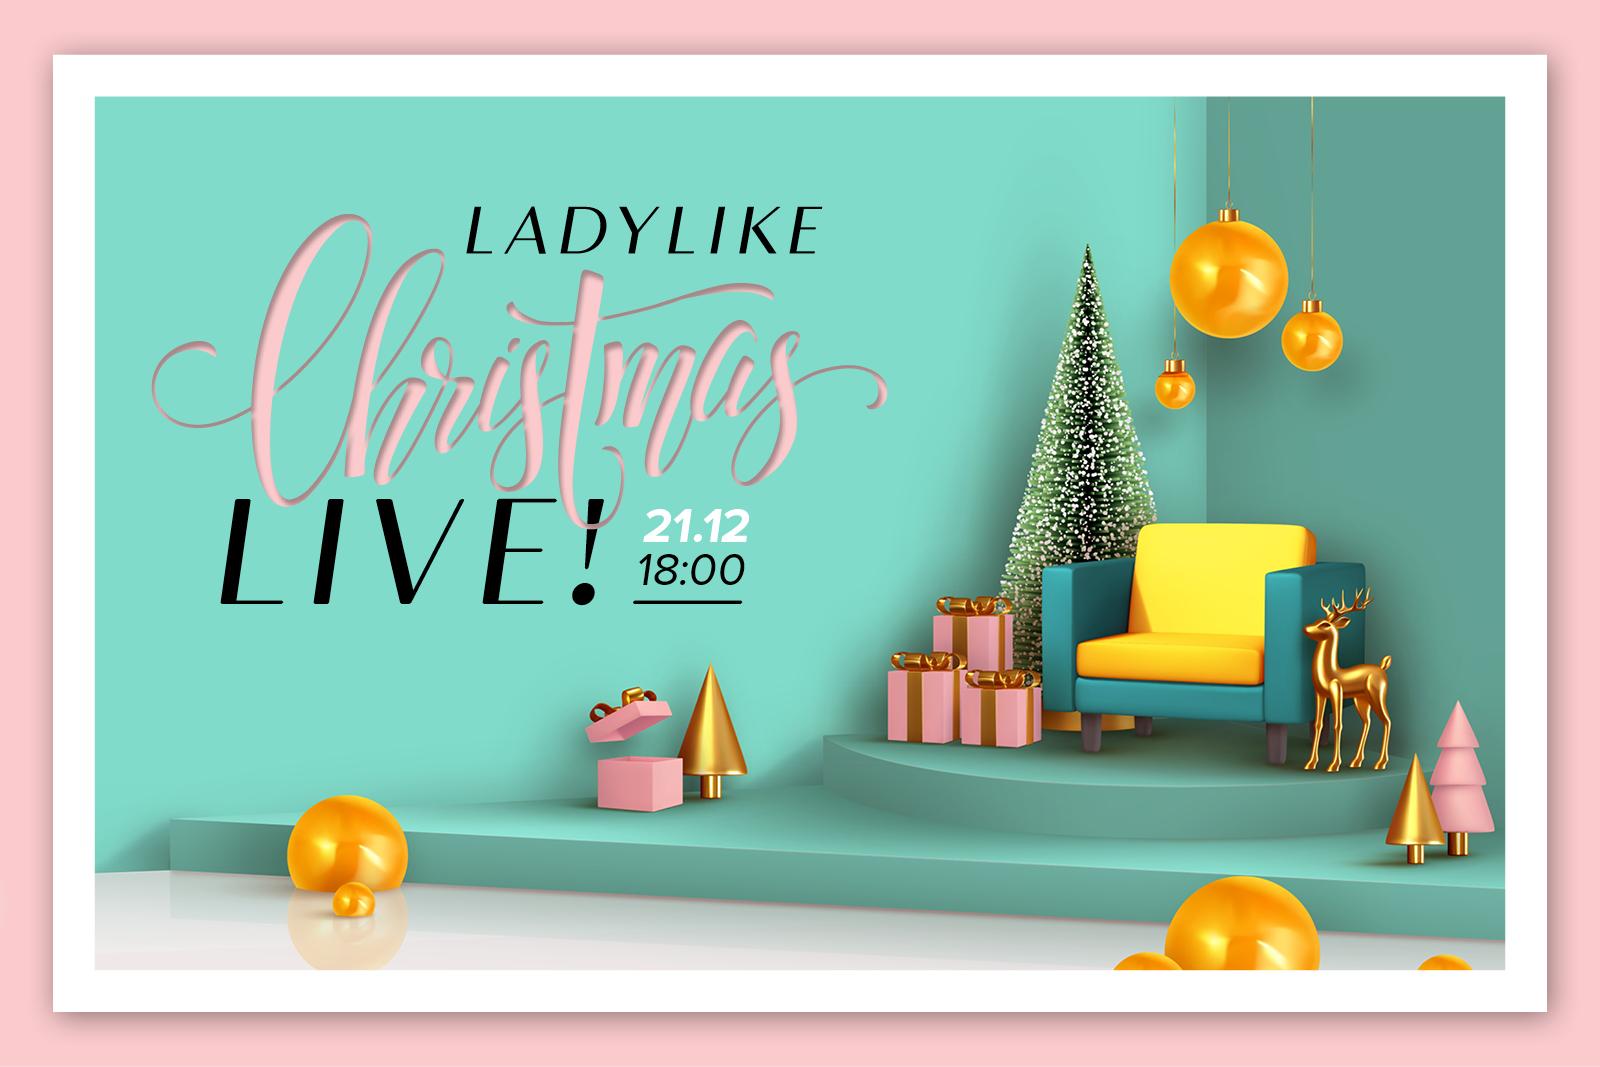 Ladylike Christmas Event: Αυτά τα Χριστούγεννα θα τα περάσουμε μαζί, στο πιο γιορτινό Ladylike party